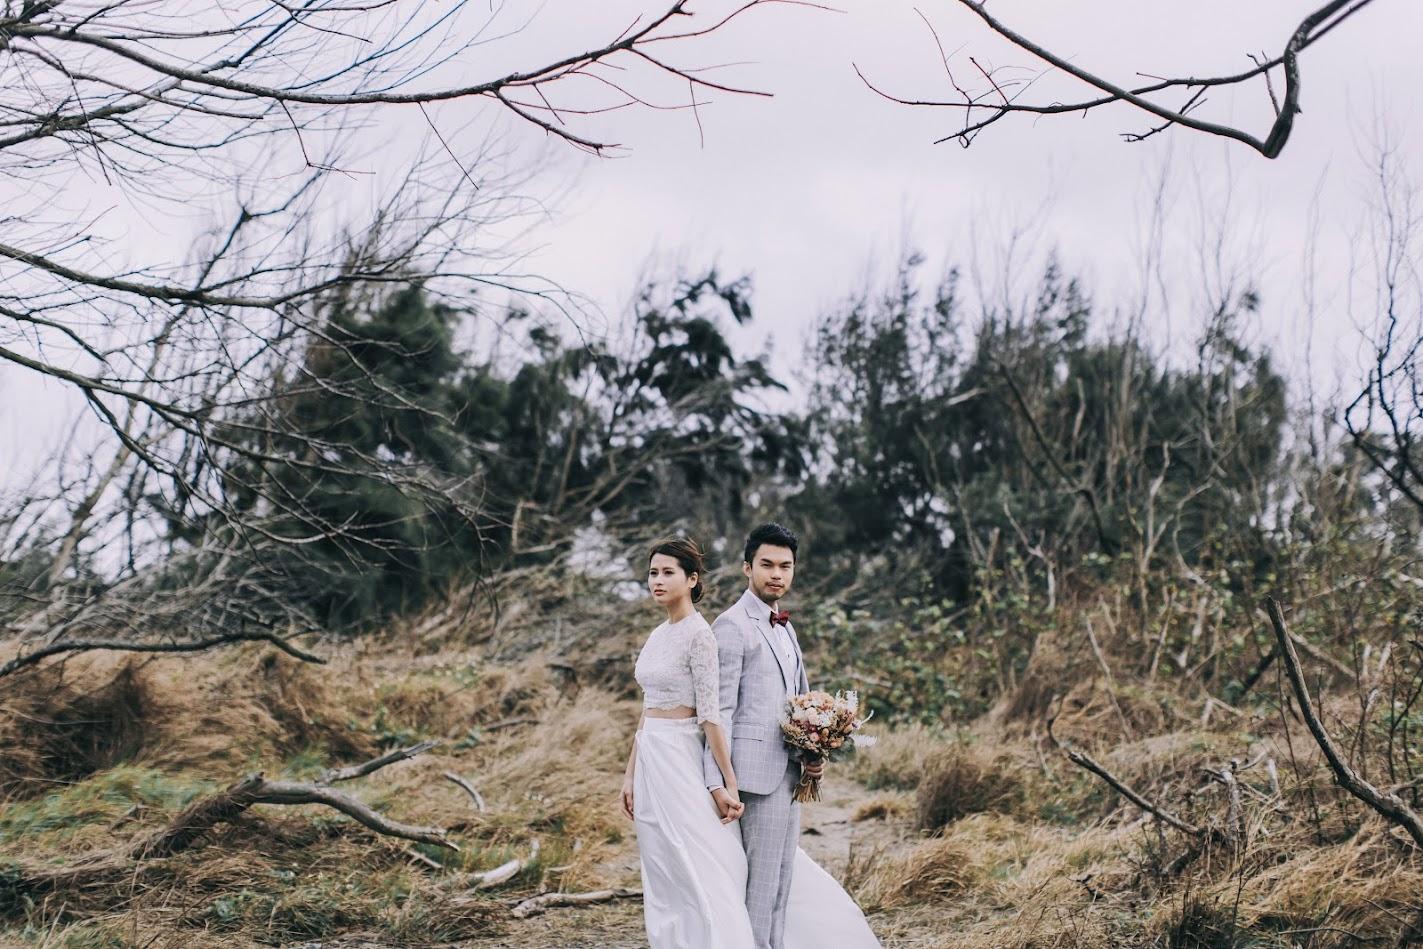 台中美式自助婚紗外拍攝景點-彰濱工業區